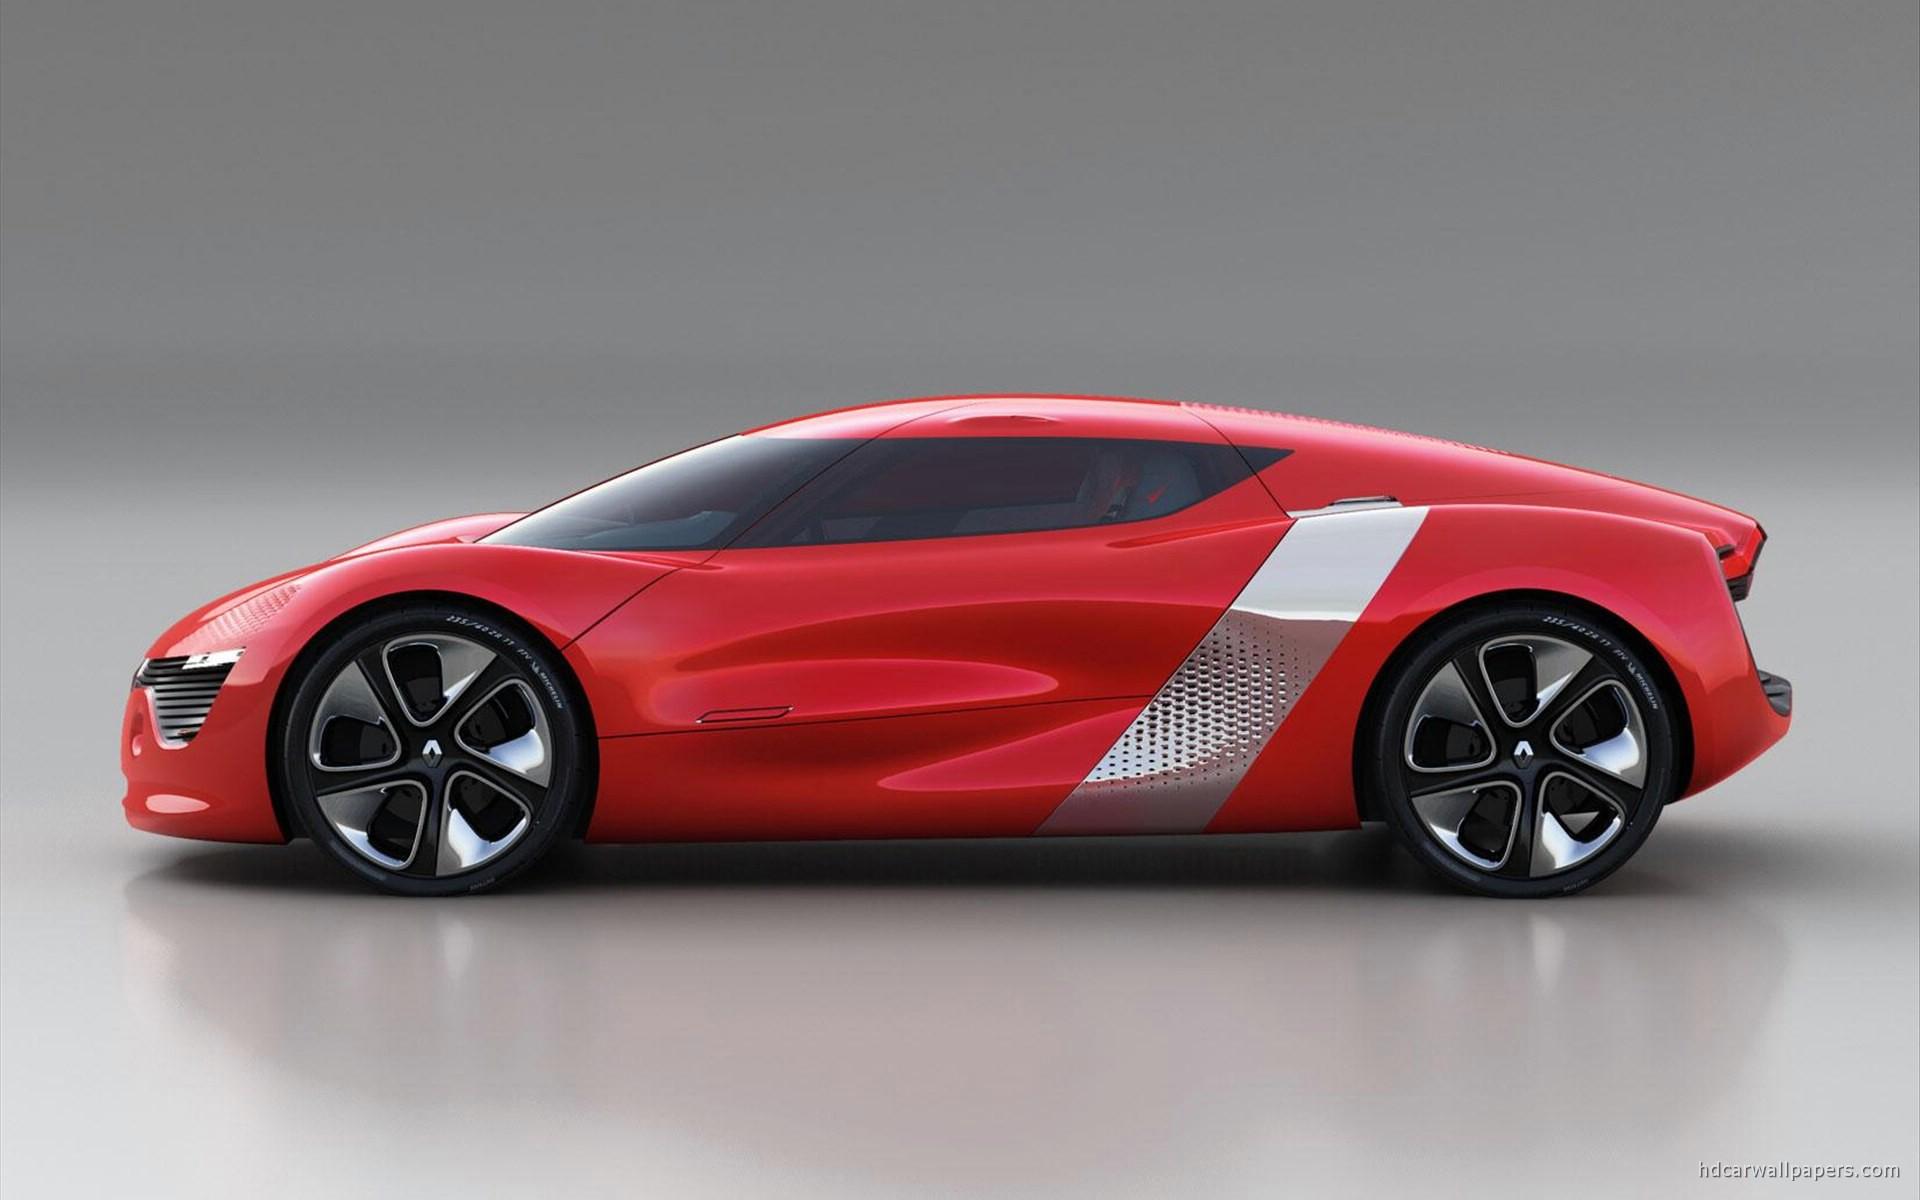 2010 Renault DeZir Wallpaper | HD Car Wallpapers